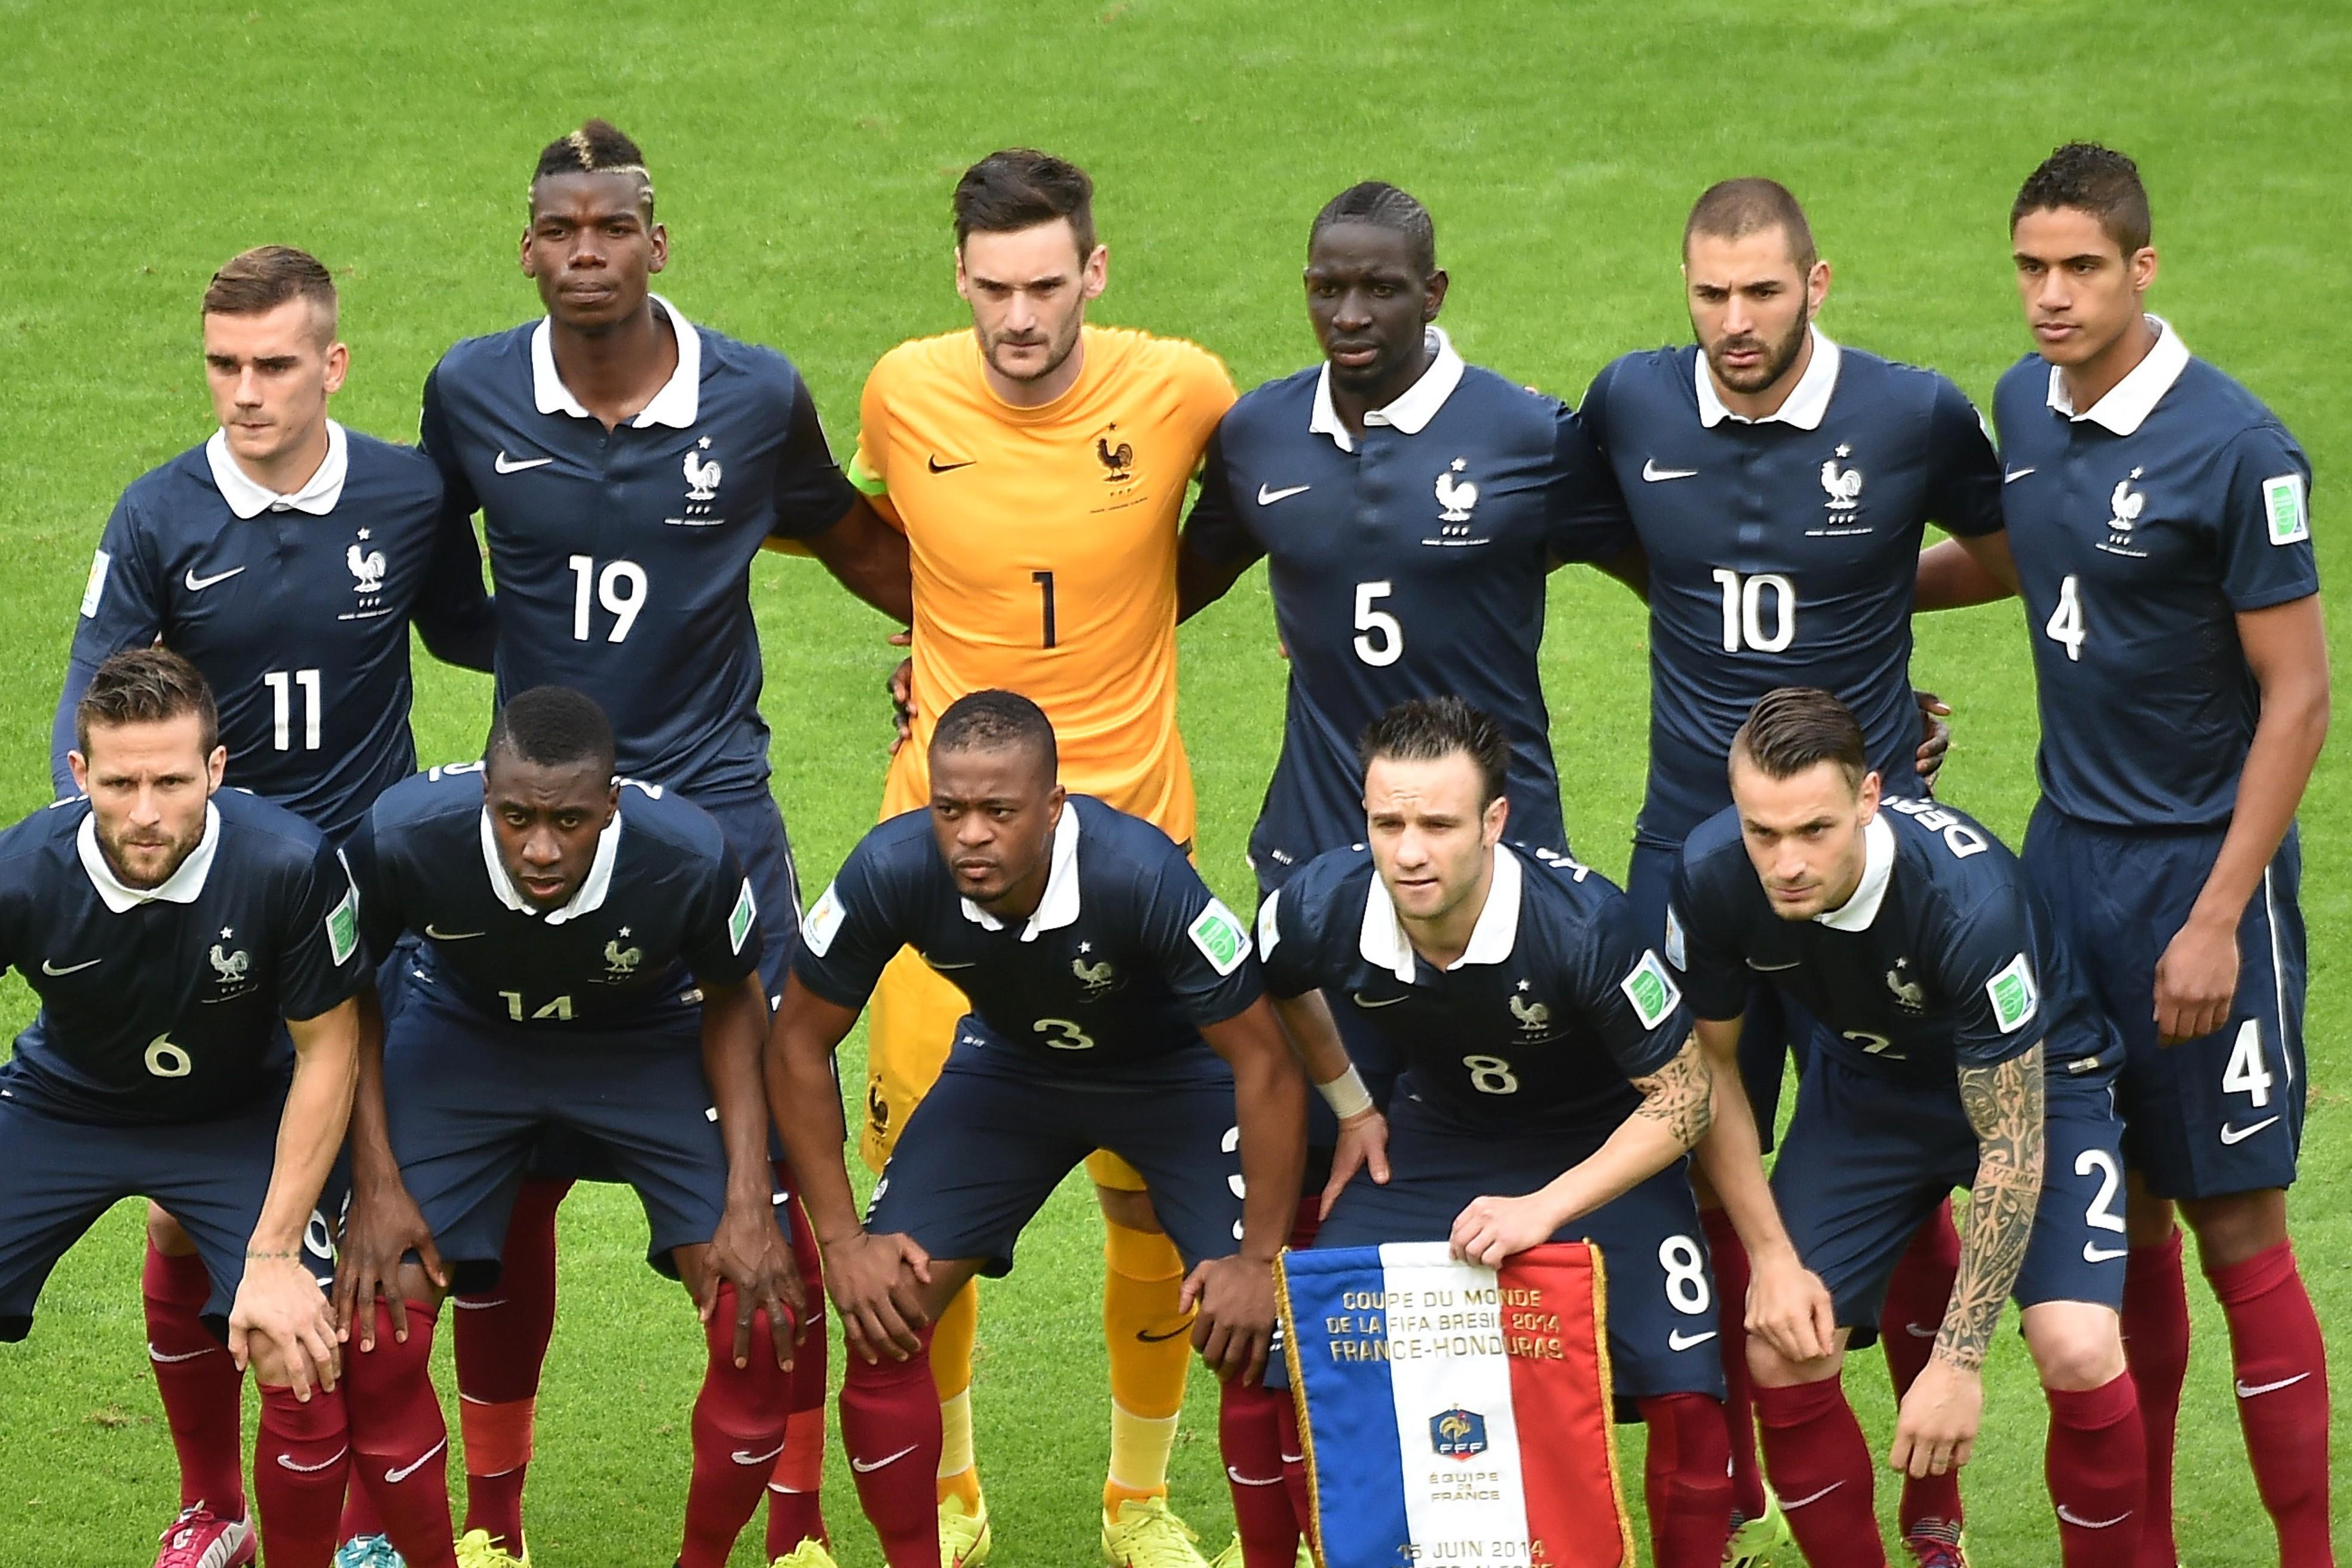 Сборная Франции по футболу - 2015